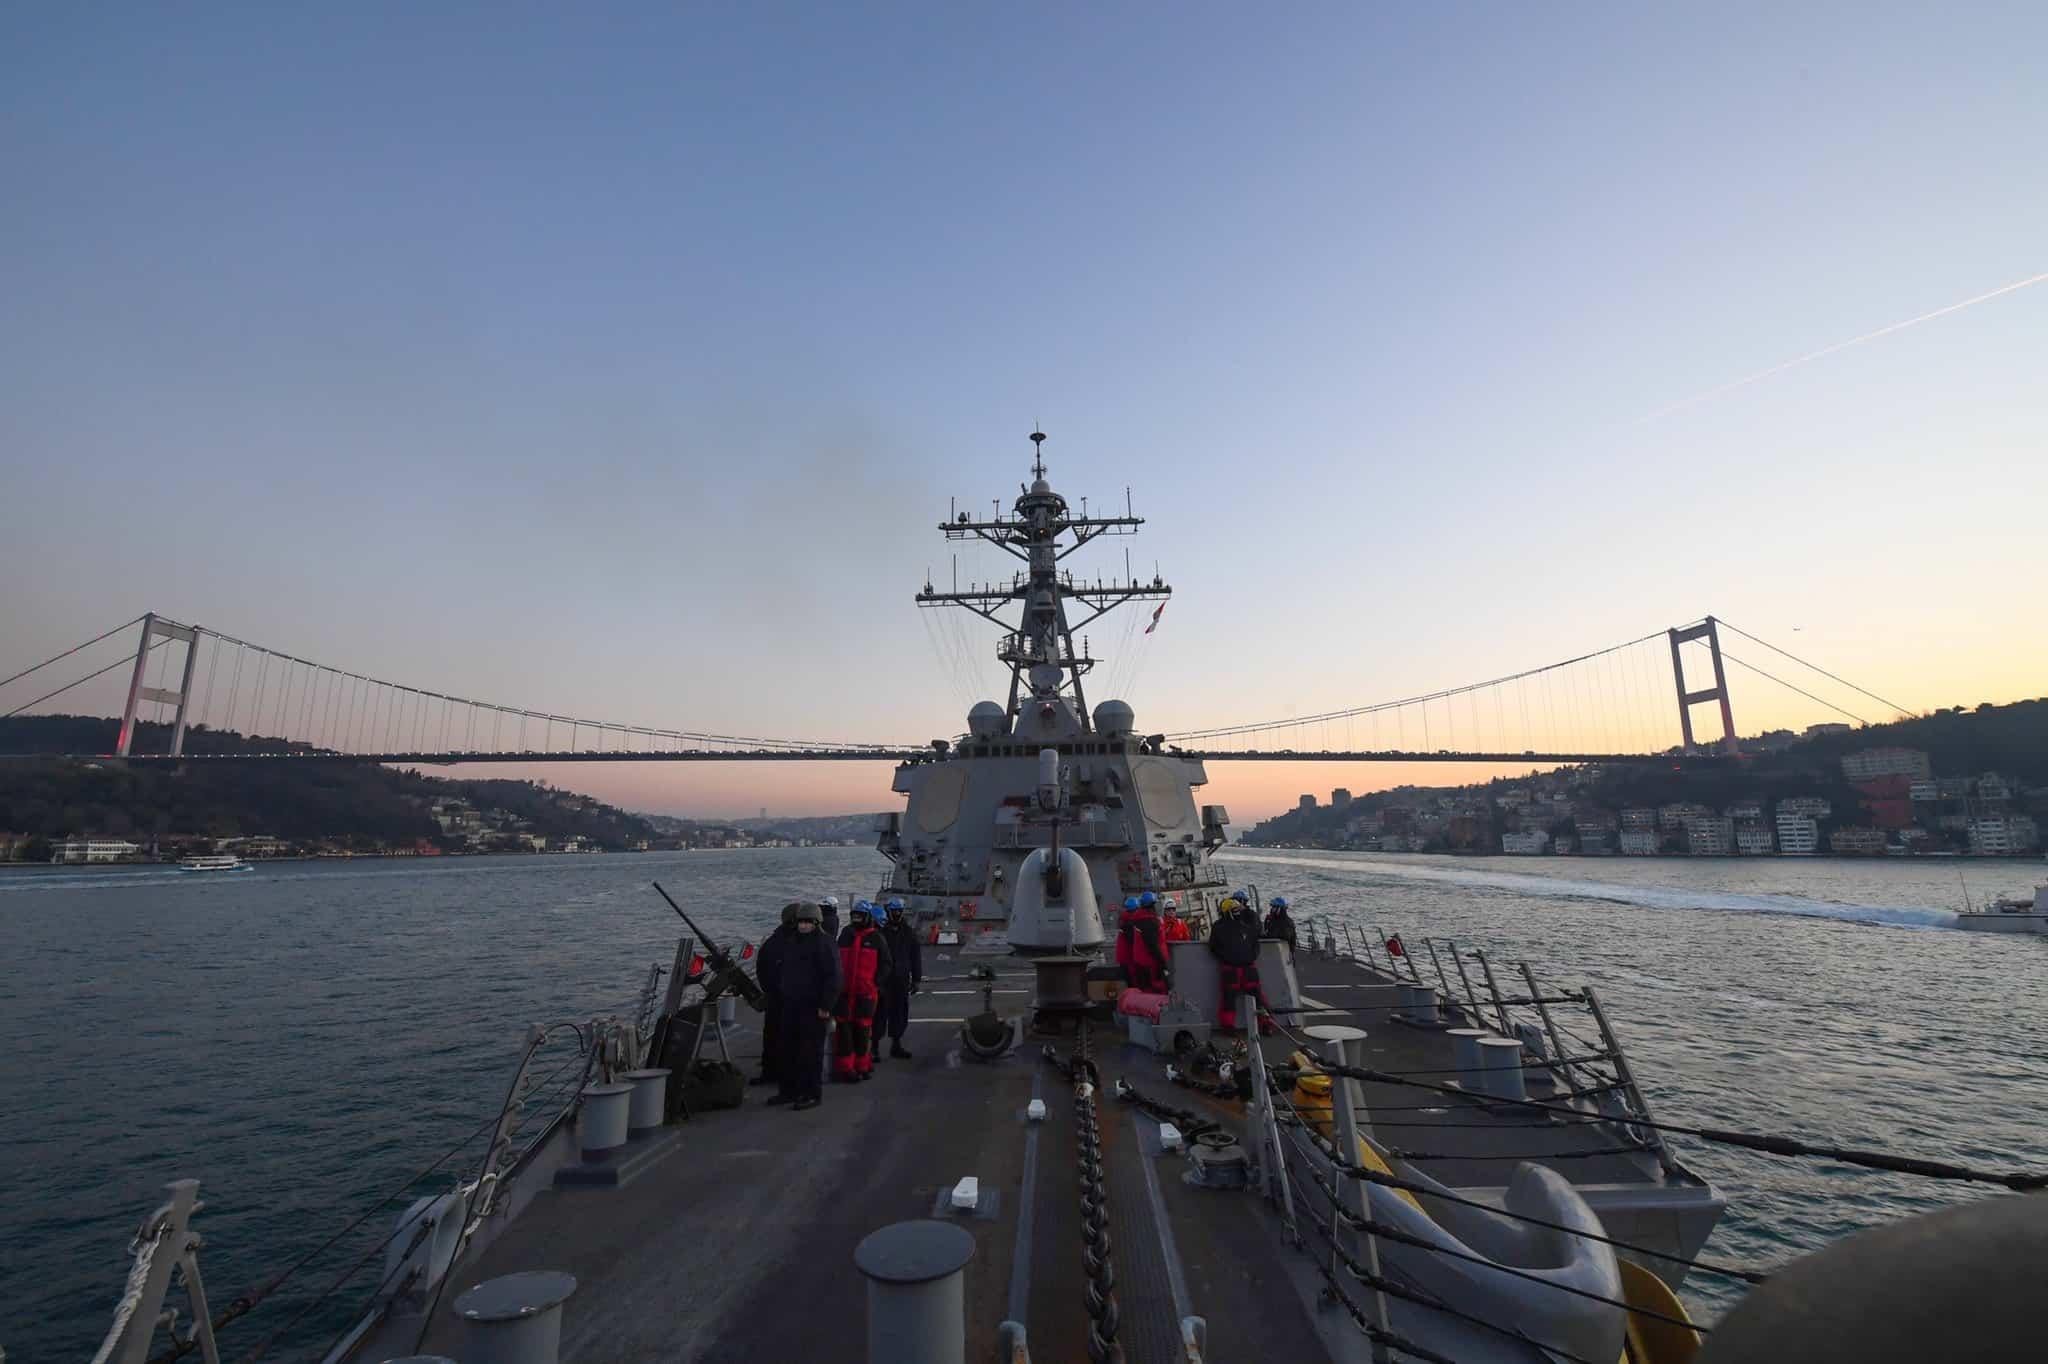 Есмінець ВМФ США «Porter» (DDG-78) прямує до Чорного моря. 19.07.2020. Фото: ВМФ США